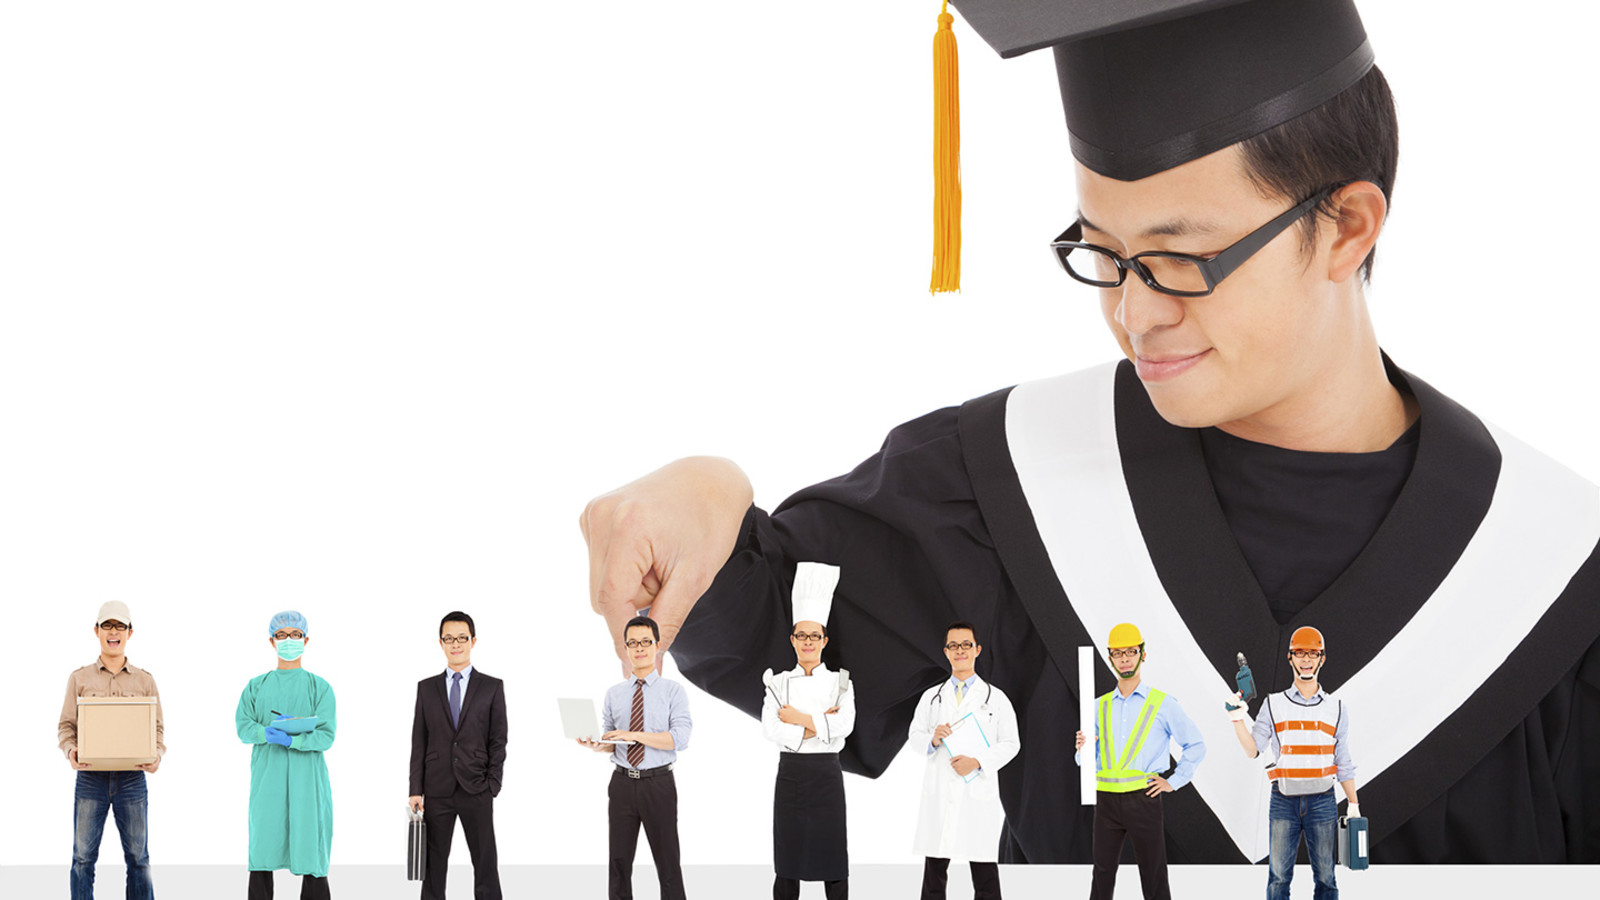 persona casete Agua con gas  Como elegir una carrera universitaria - Tu Espacio Joven